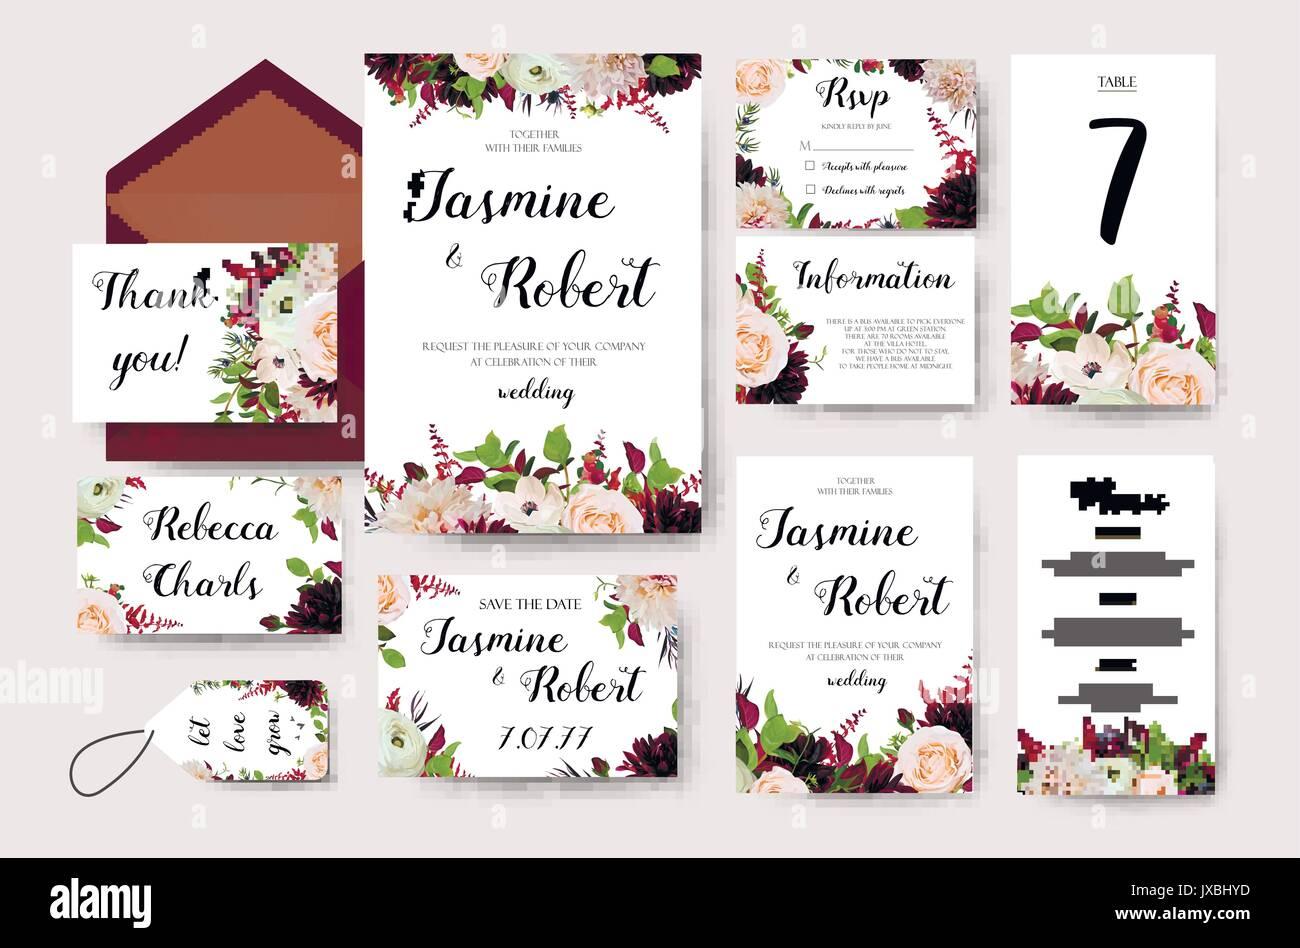 Wedding invitation flower invite card design with garden peach rose ...